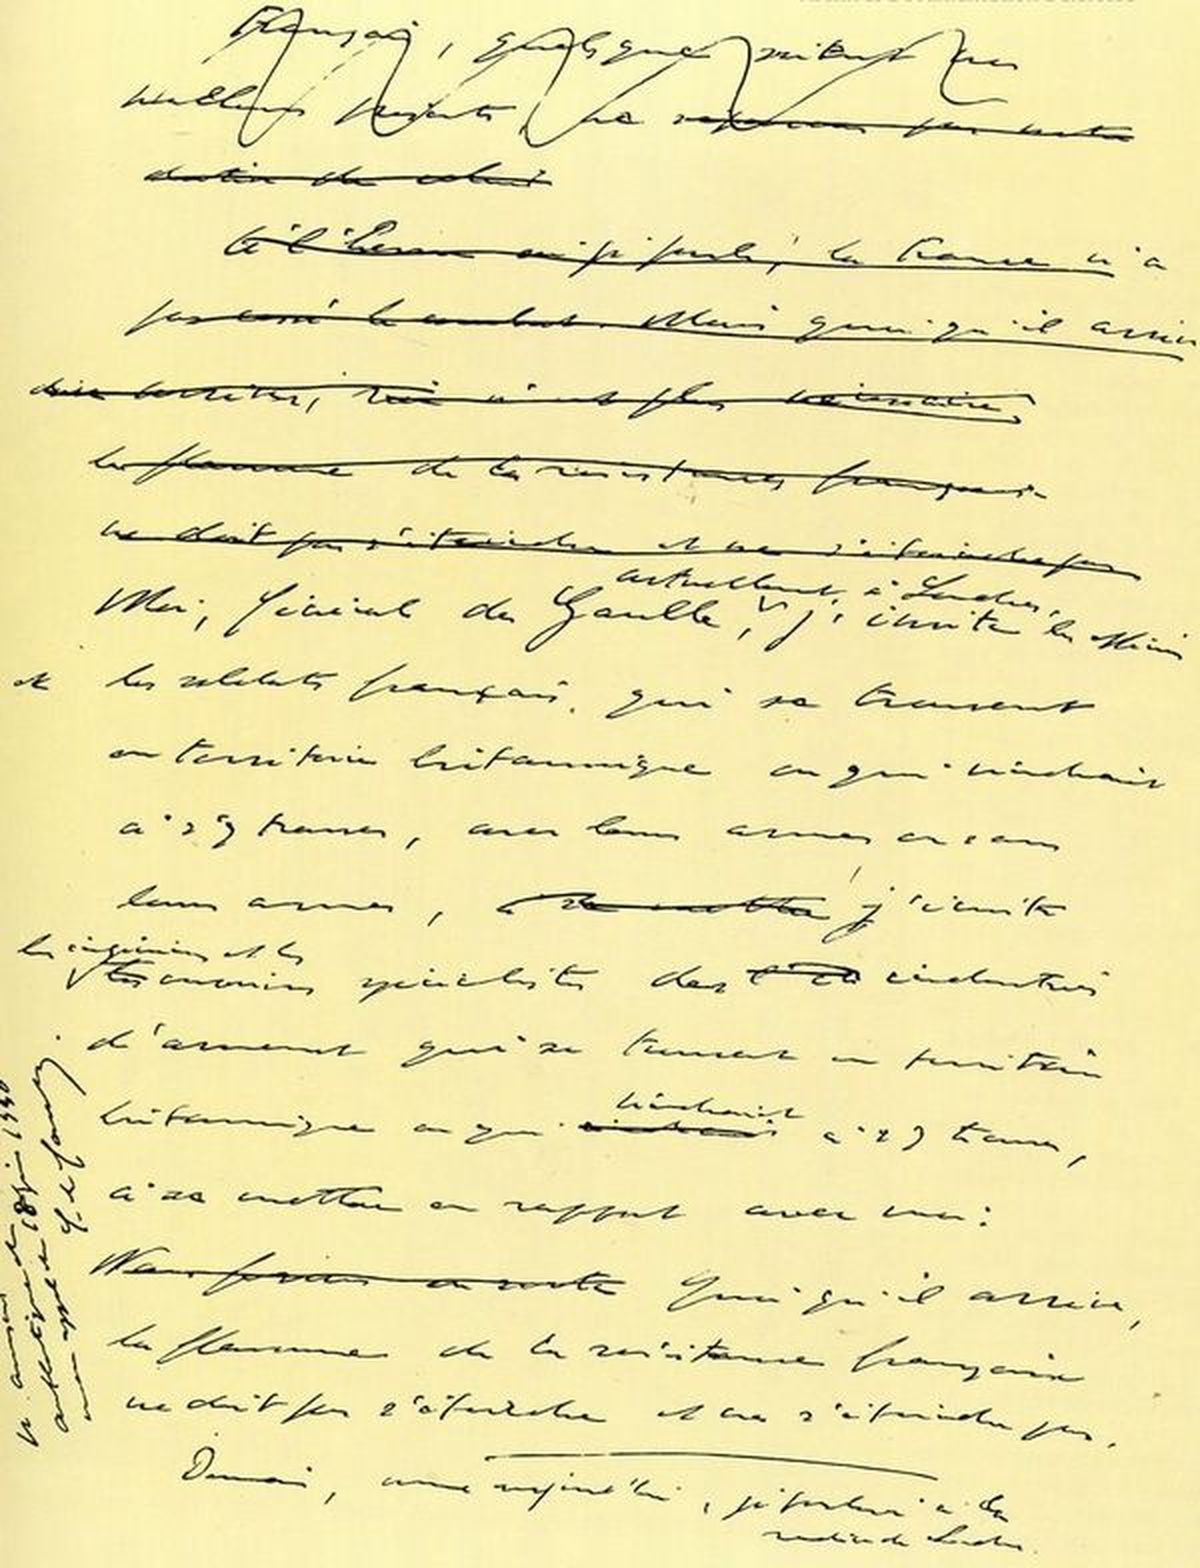 Manuscrit original de l'appel du 18 Juin 1940.